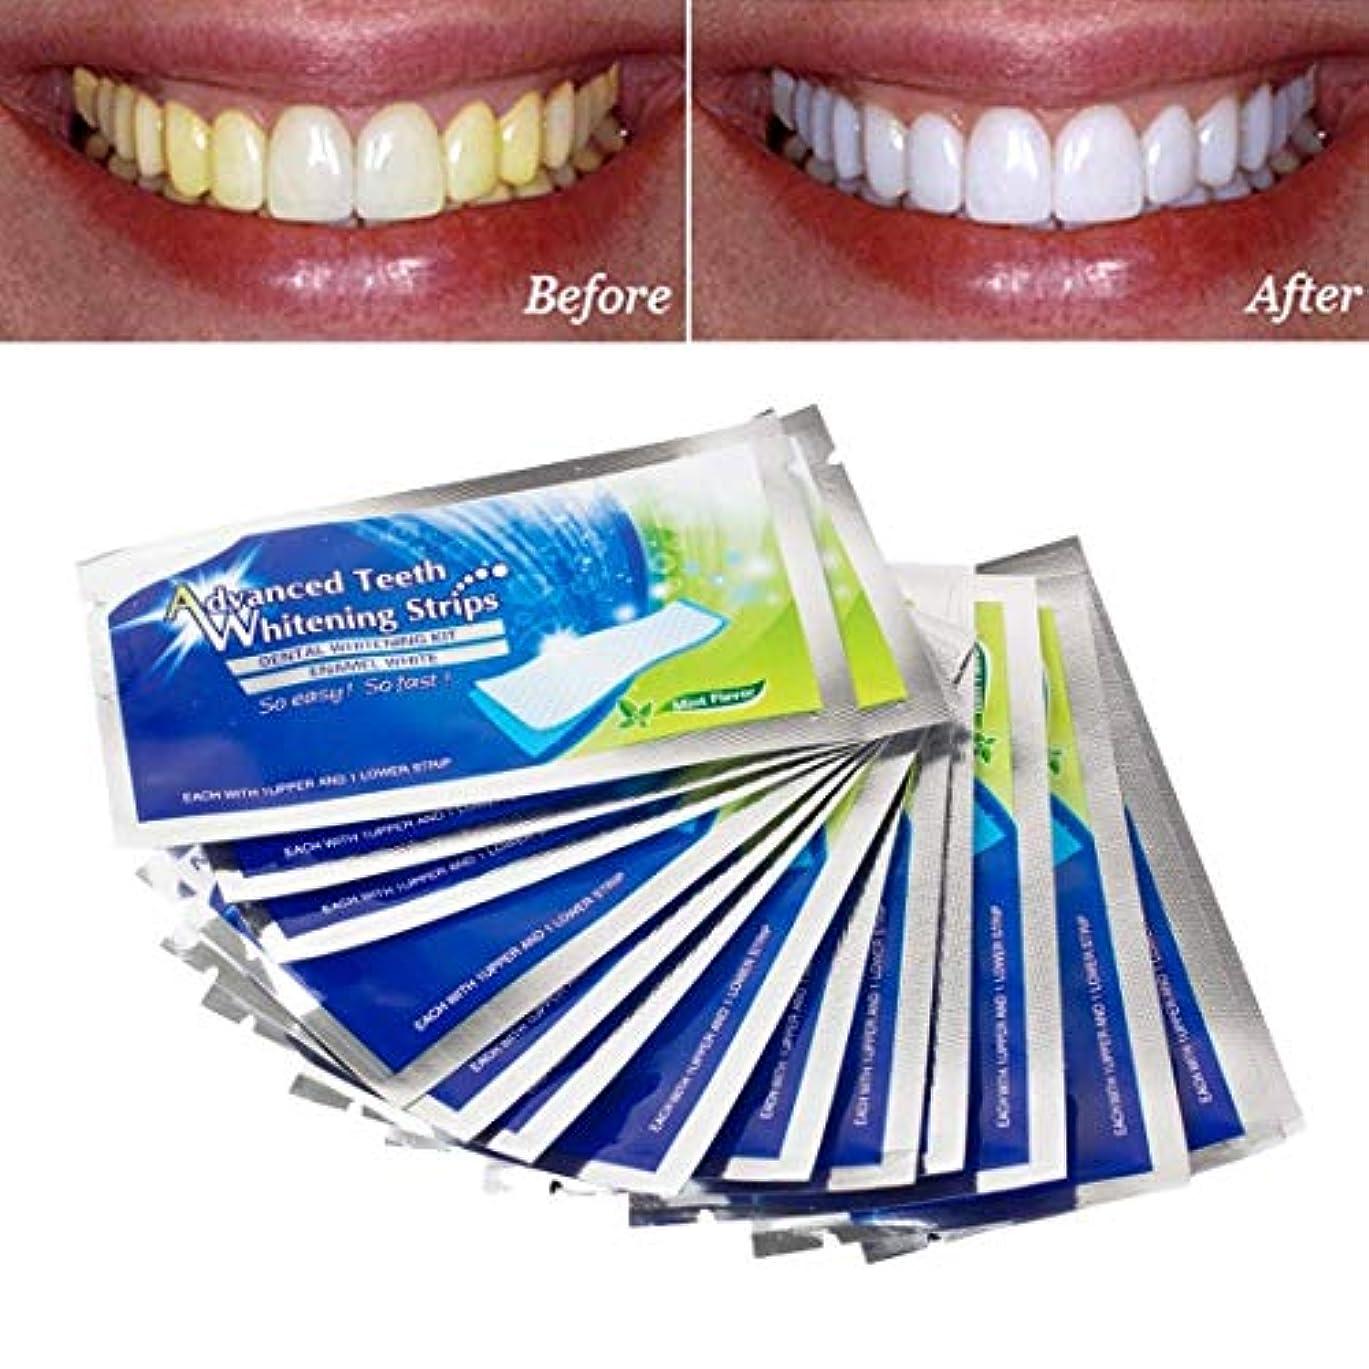 突き刺すお尻例示するストリップホワイトニングキット/ 14 PCSアドバンスト効果的な歯科ホワイトニングキットミントフレーバーの歯を白くするツール/歯のクリーニング歯